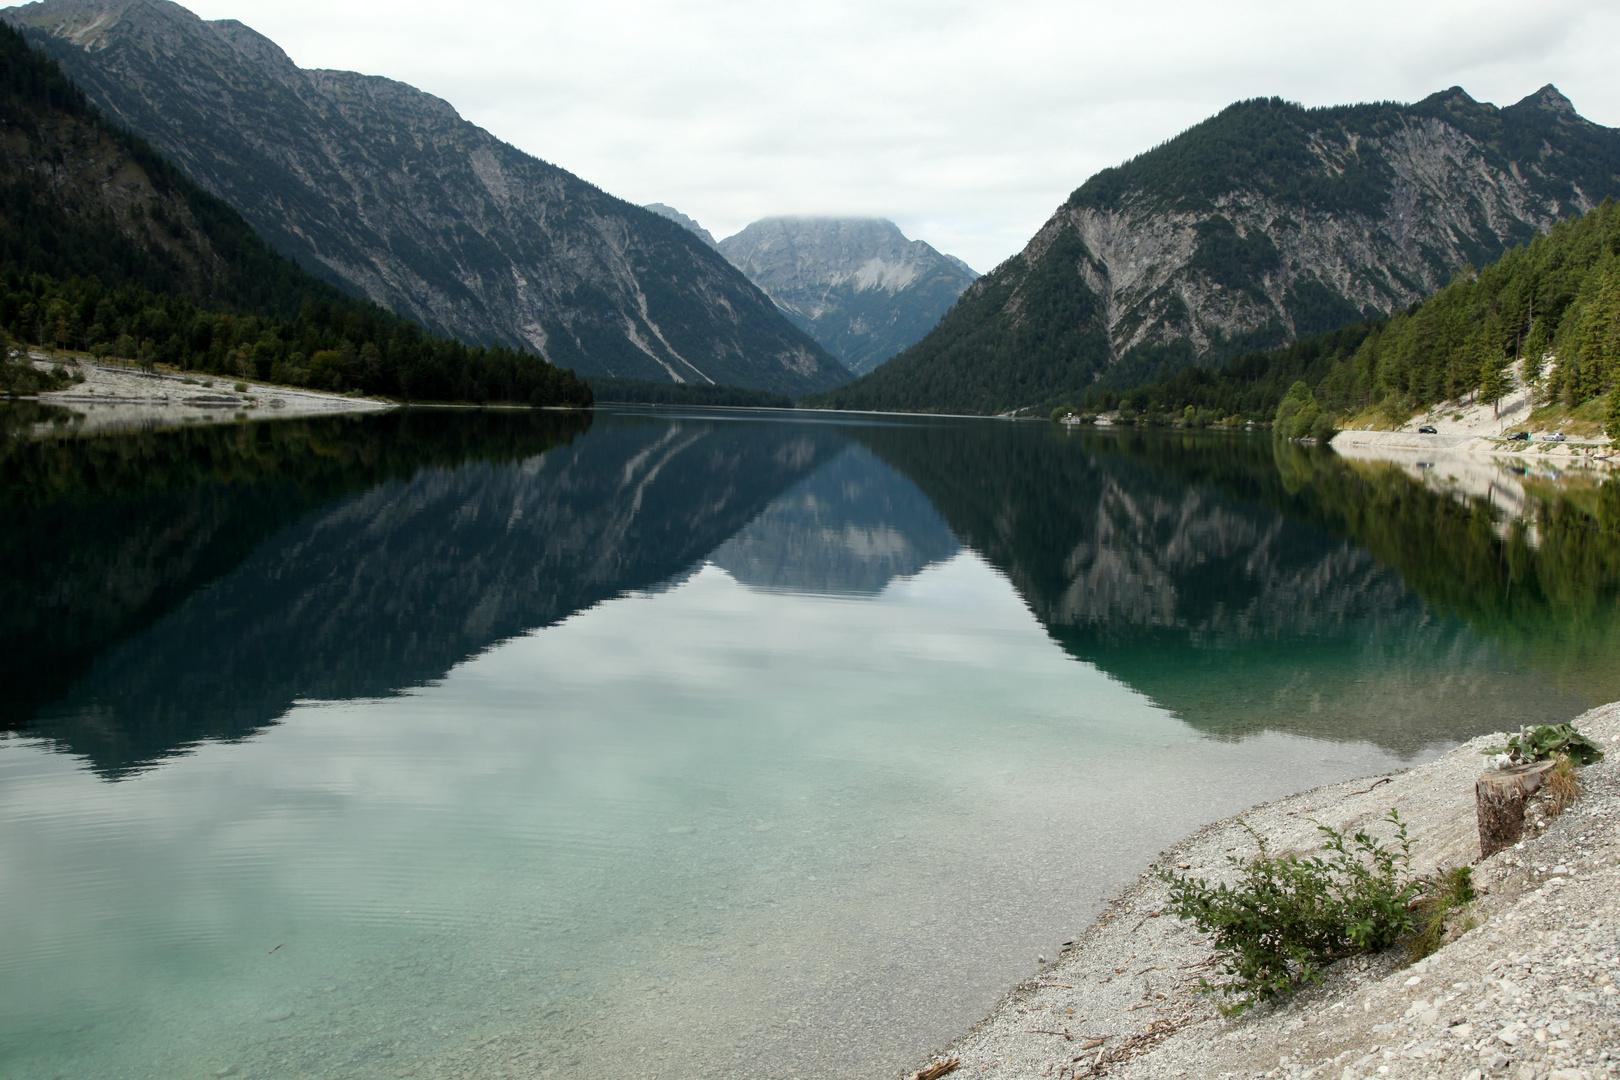 schöner See am Alpenrand